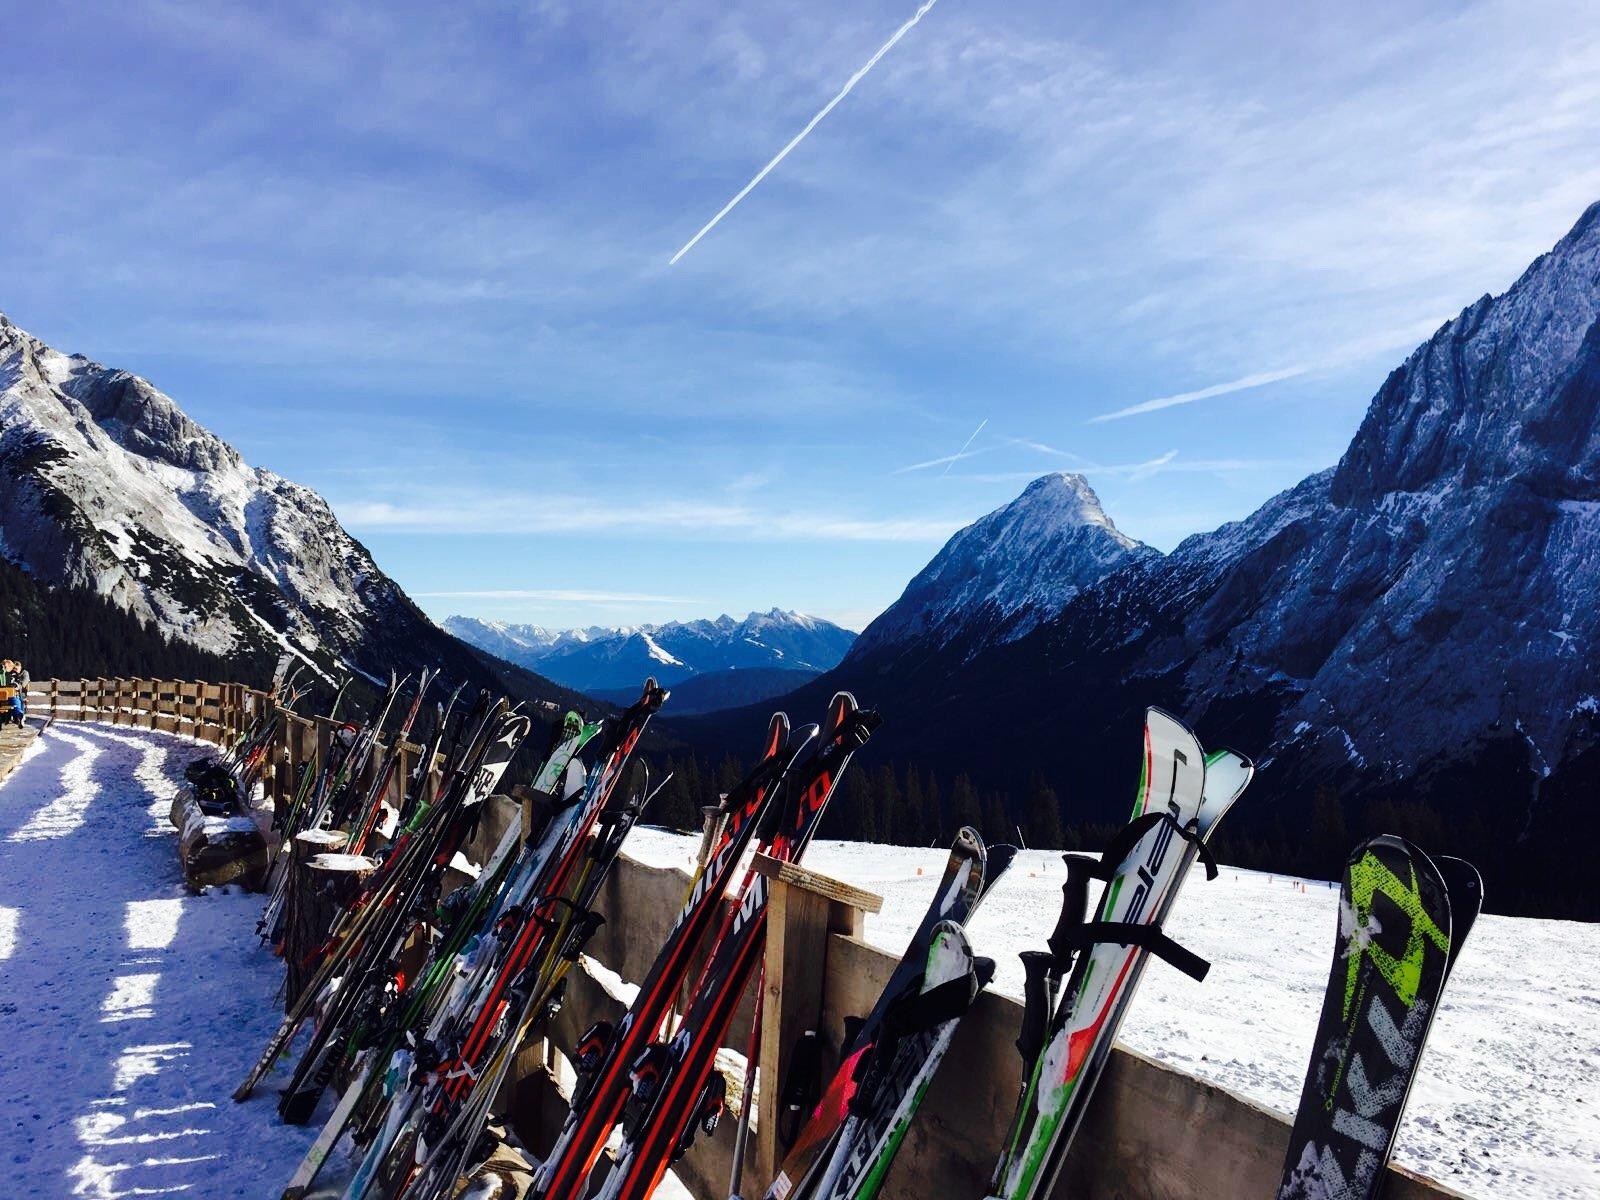 Op wintersport in Ehrwald. Een aanrader voor gezinnen met kinderen